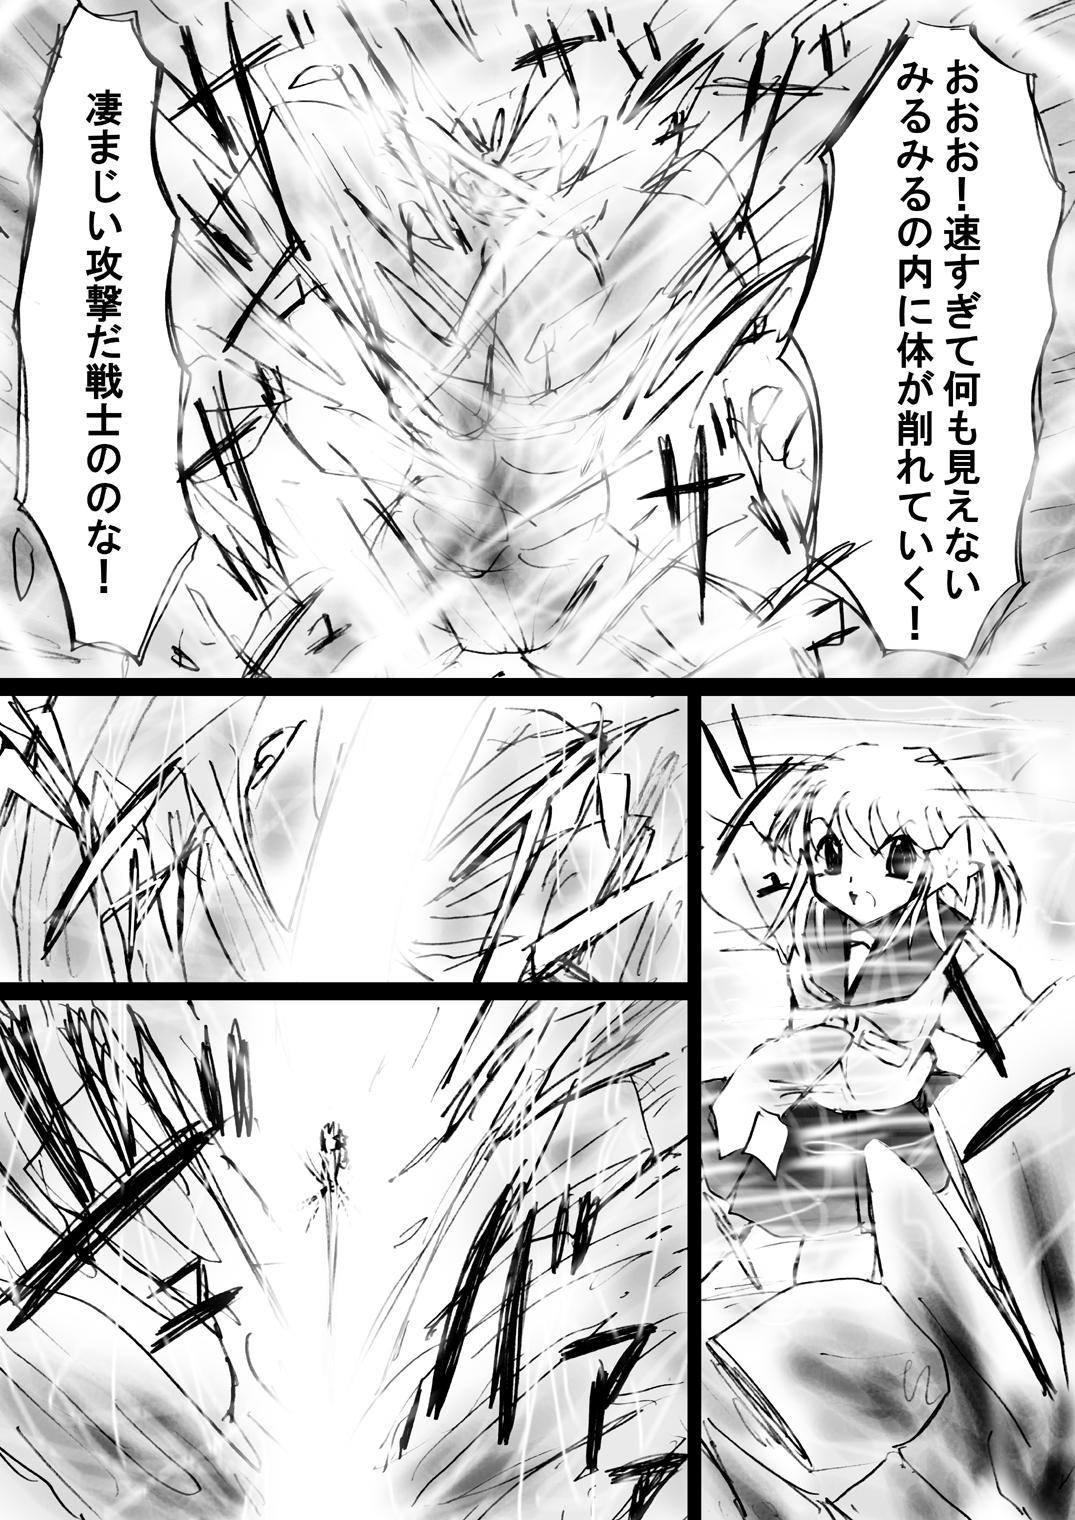 [Dende] Fushigi Sekai -Mystery World- no Nona 17 ~ Taiketsu Fujimi no Dai Inma Dakurasu, Kanzen Sekka no Kyoufu 59